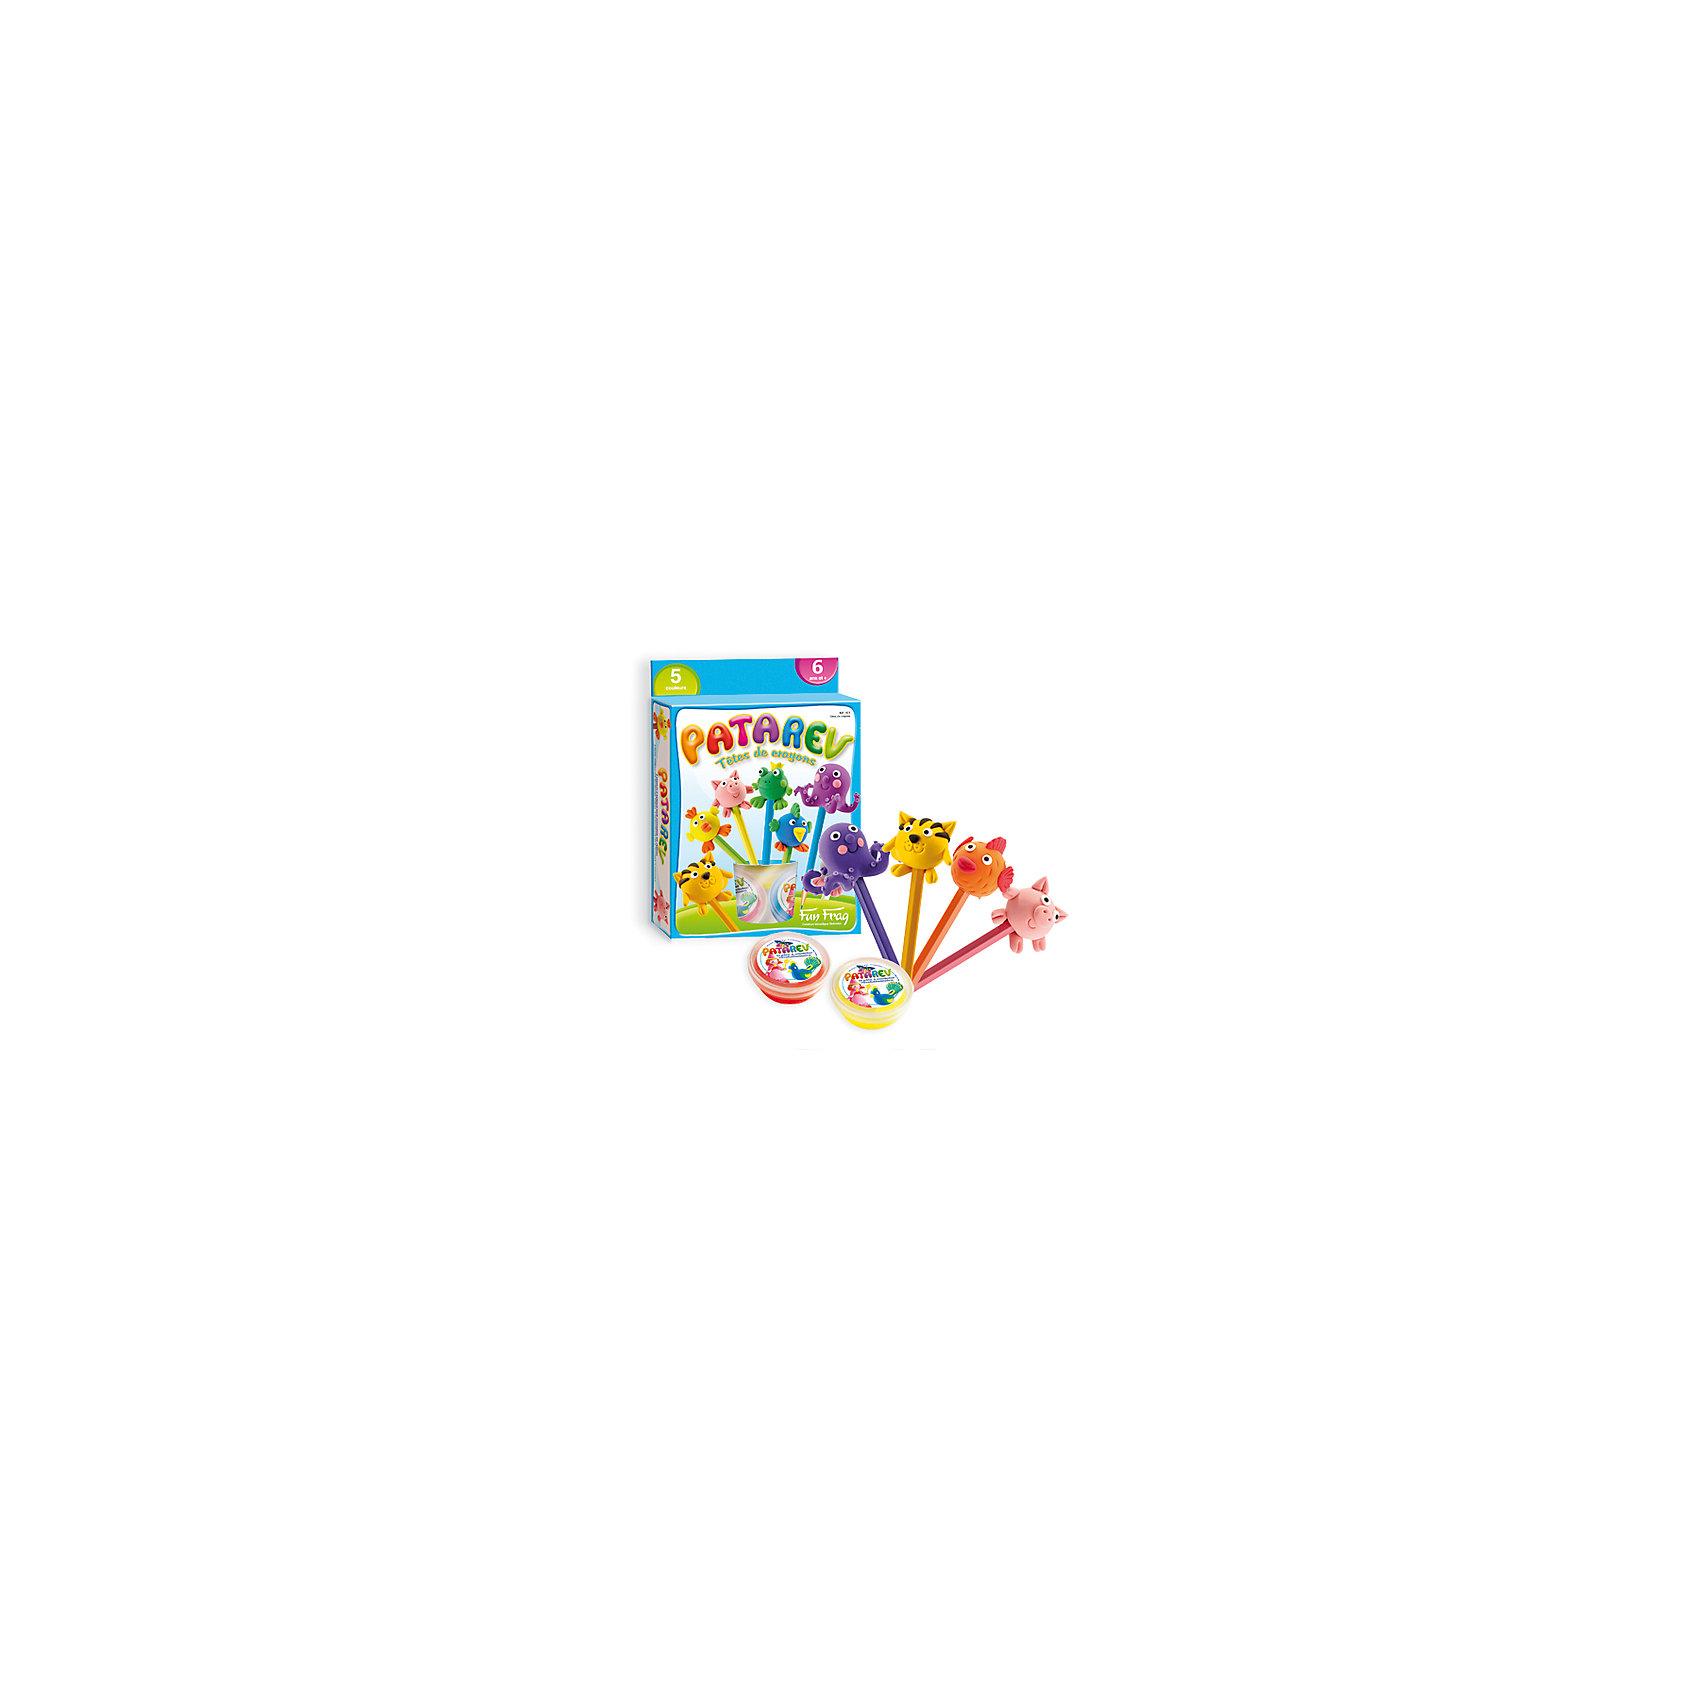 SentoSphere Набор пластилина для детской лепки, 5 цветов наборы для лепки sentosphere набор для творчества текстурный пластилин серия патабул